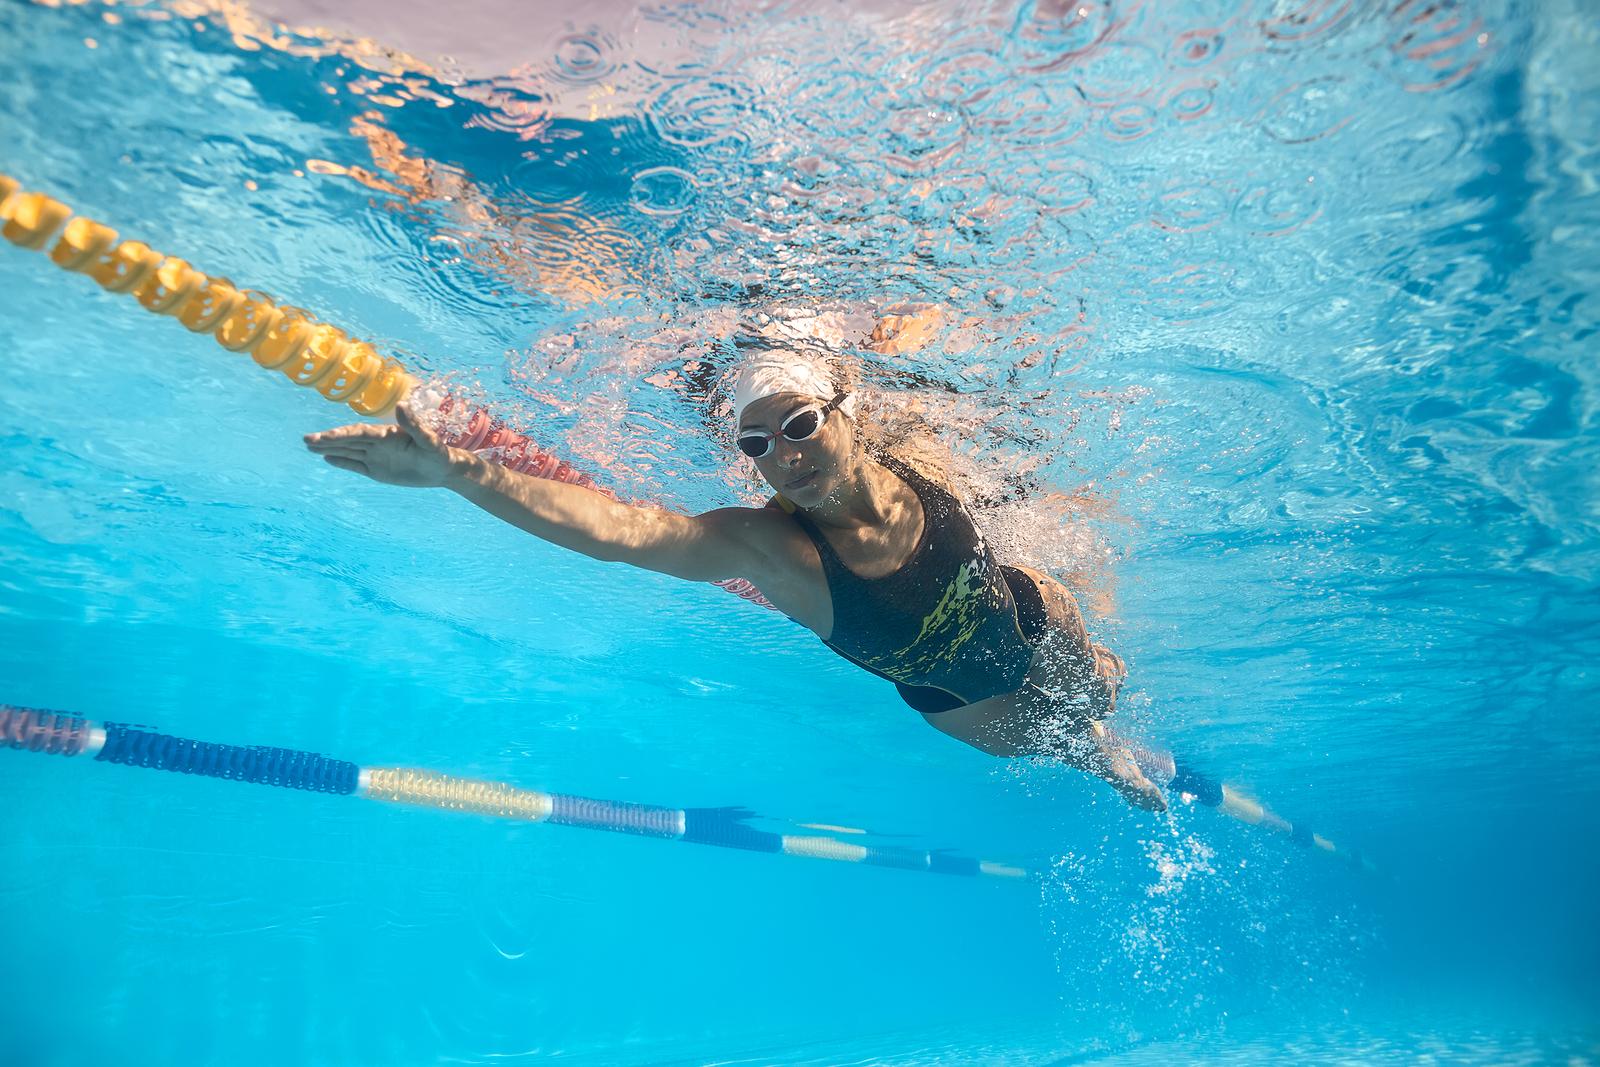 nauka pływania jak nauczyć się pływać